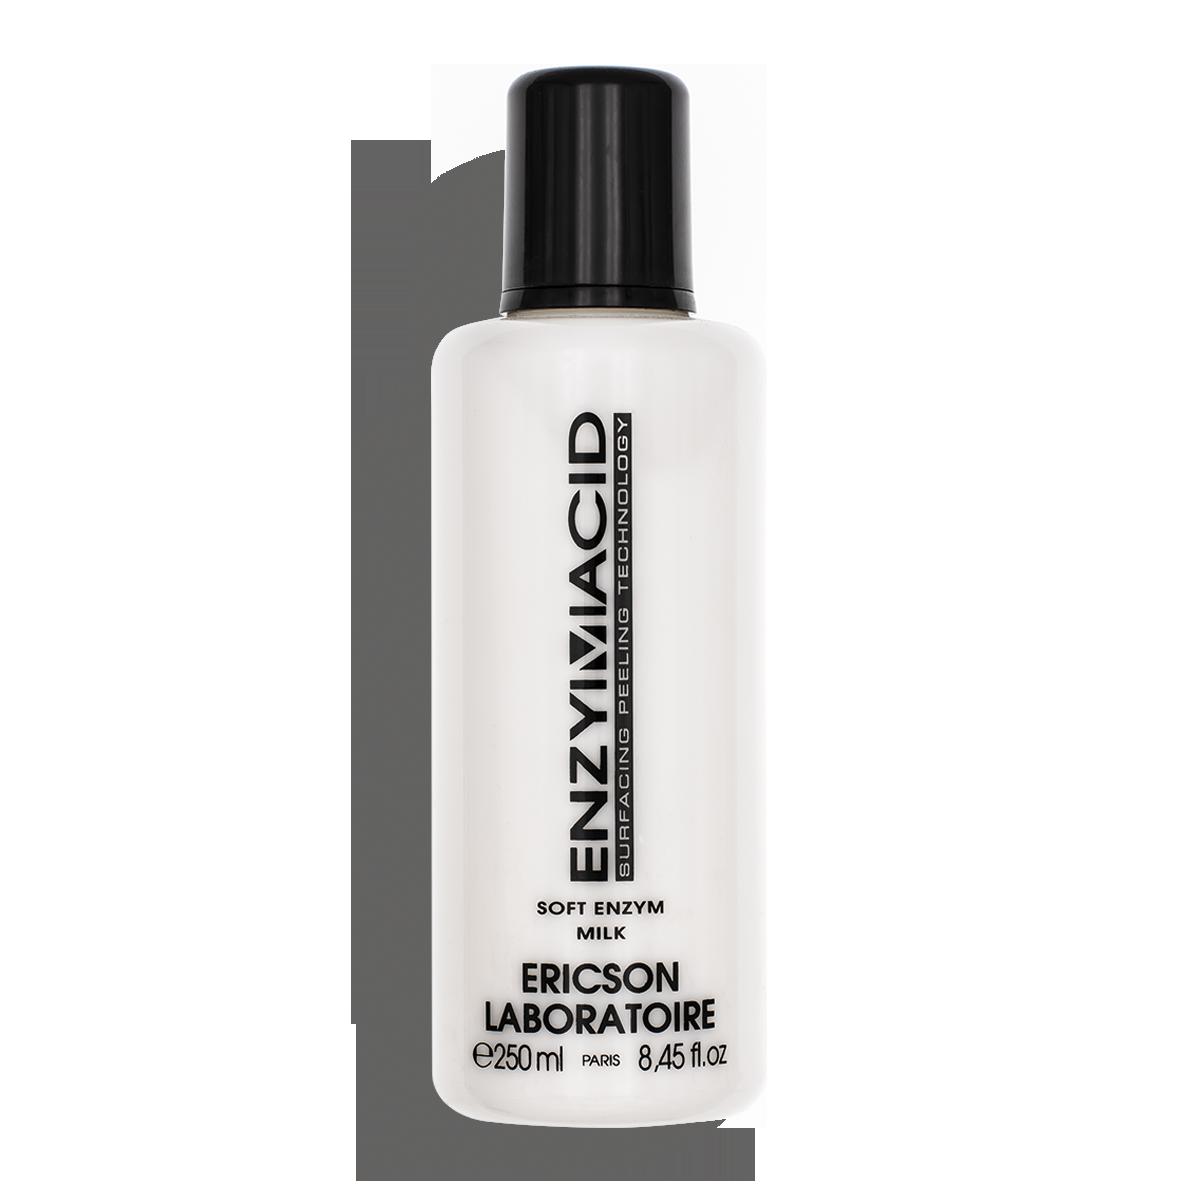 ENZYMACID E907 - Sữa rửa mặt làm trắng da Soft Enzyme Milk